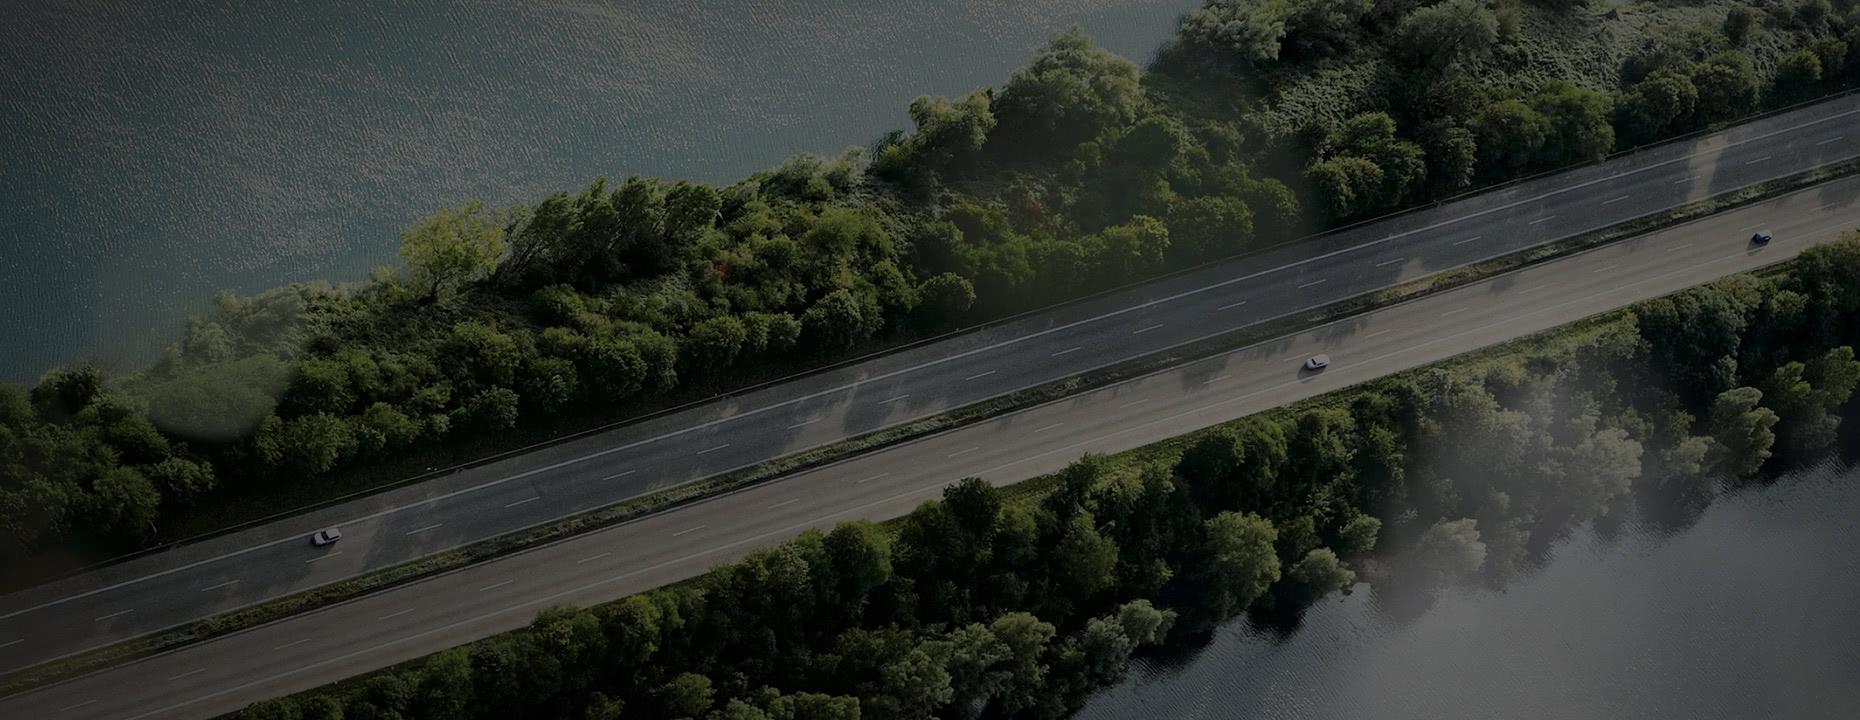 Електричний кросовер Hyundai KONA Electric встановив унікальний рекорд | Паритет - фото 8